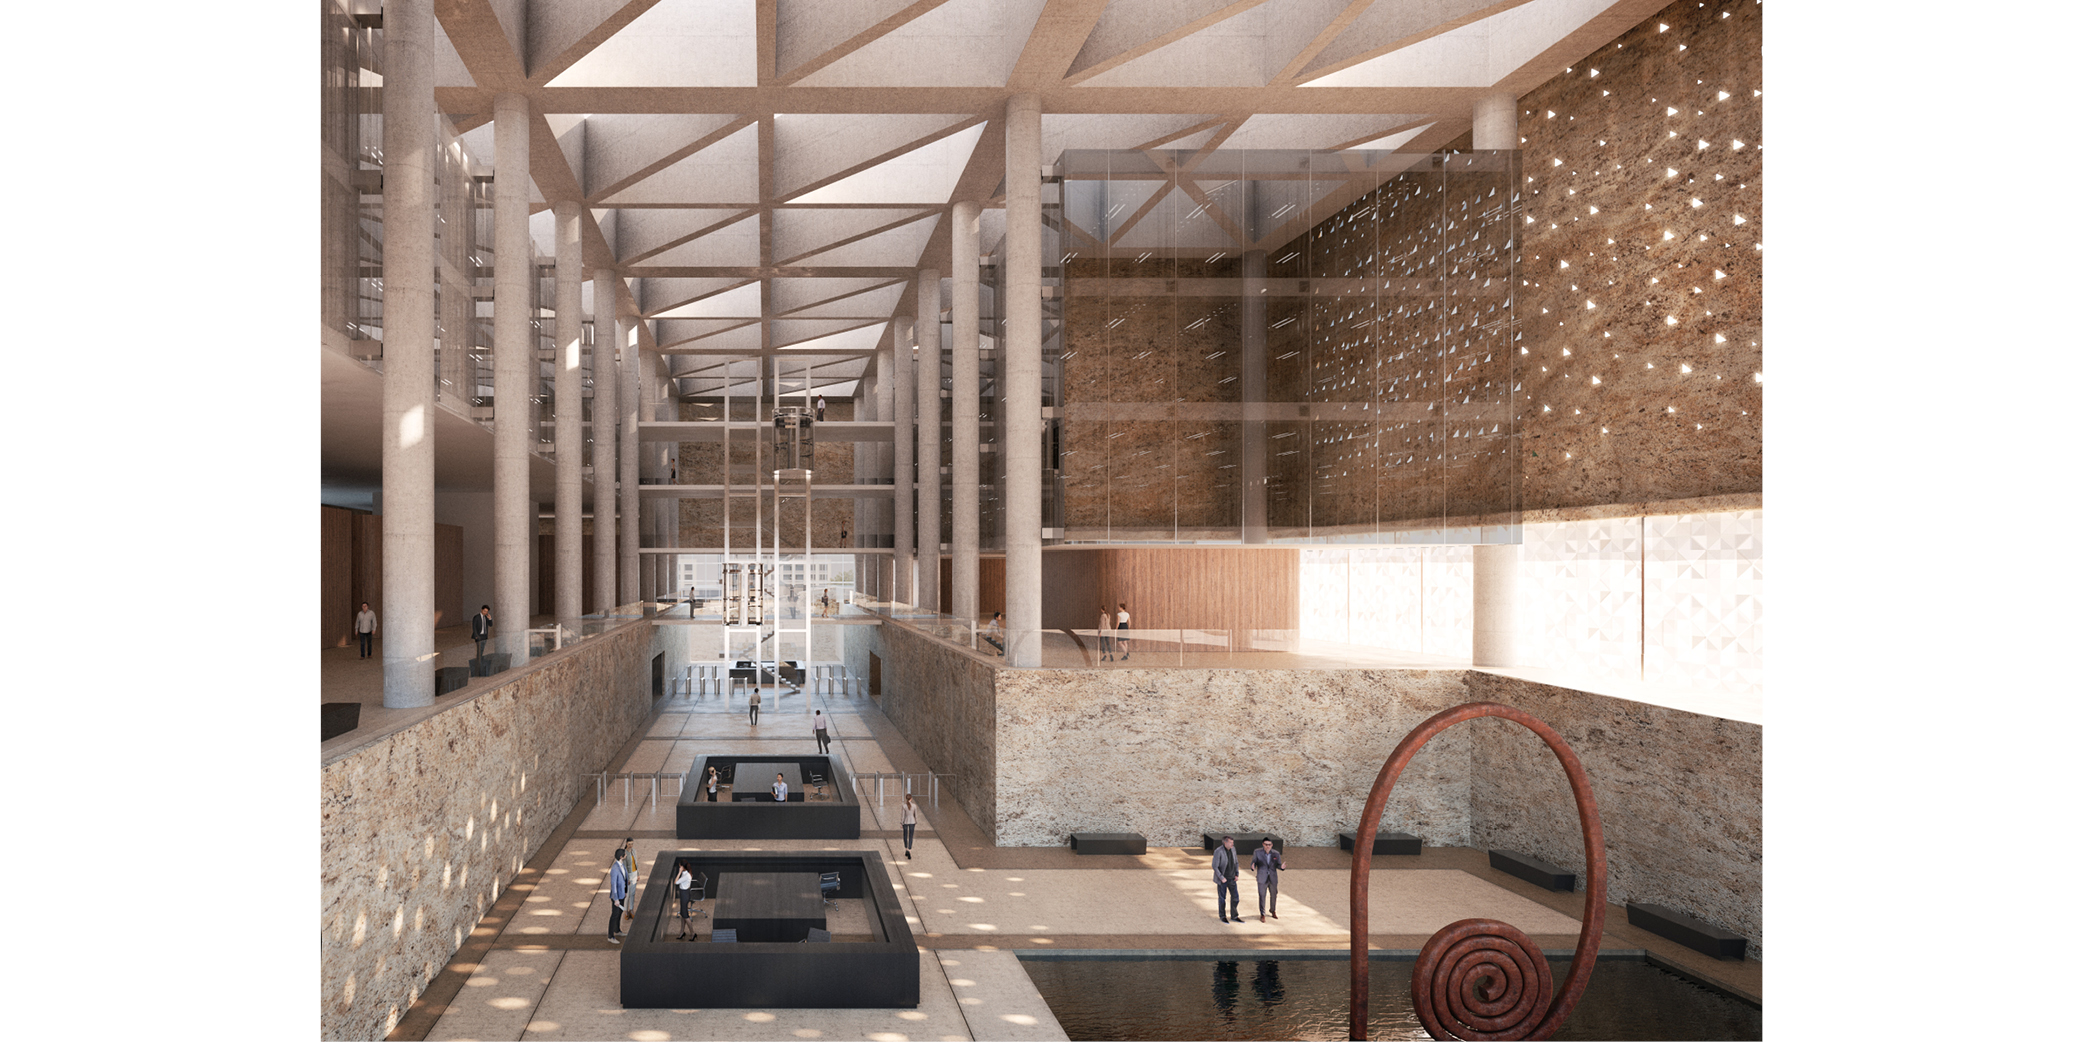 Concurso Juzgados Fuerteventura Puerto del Rosario OCA architects Barcelona7